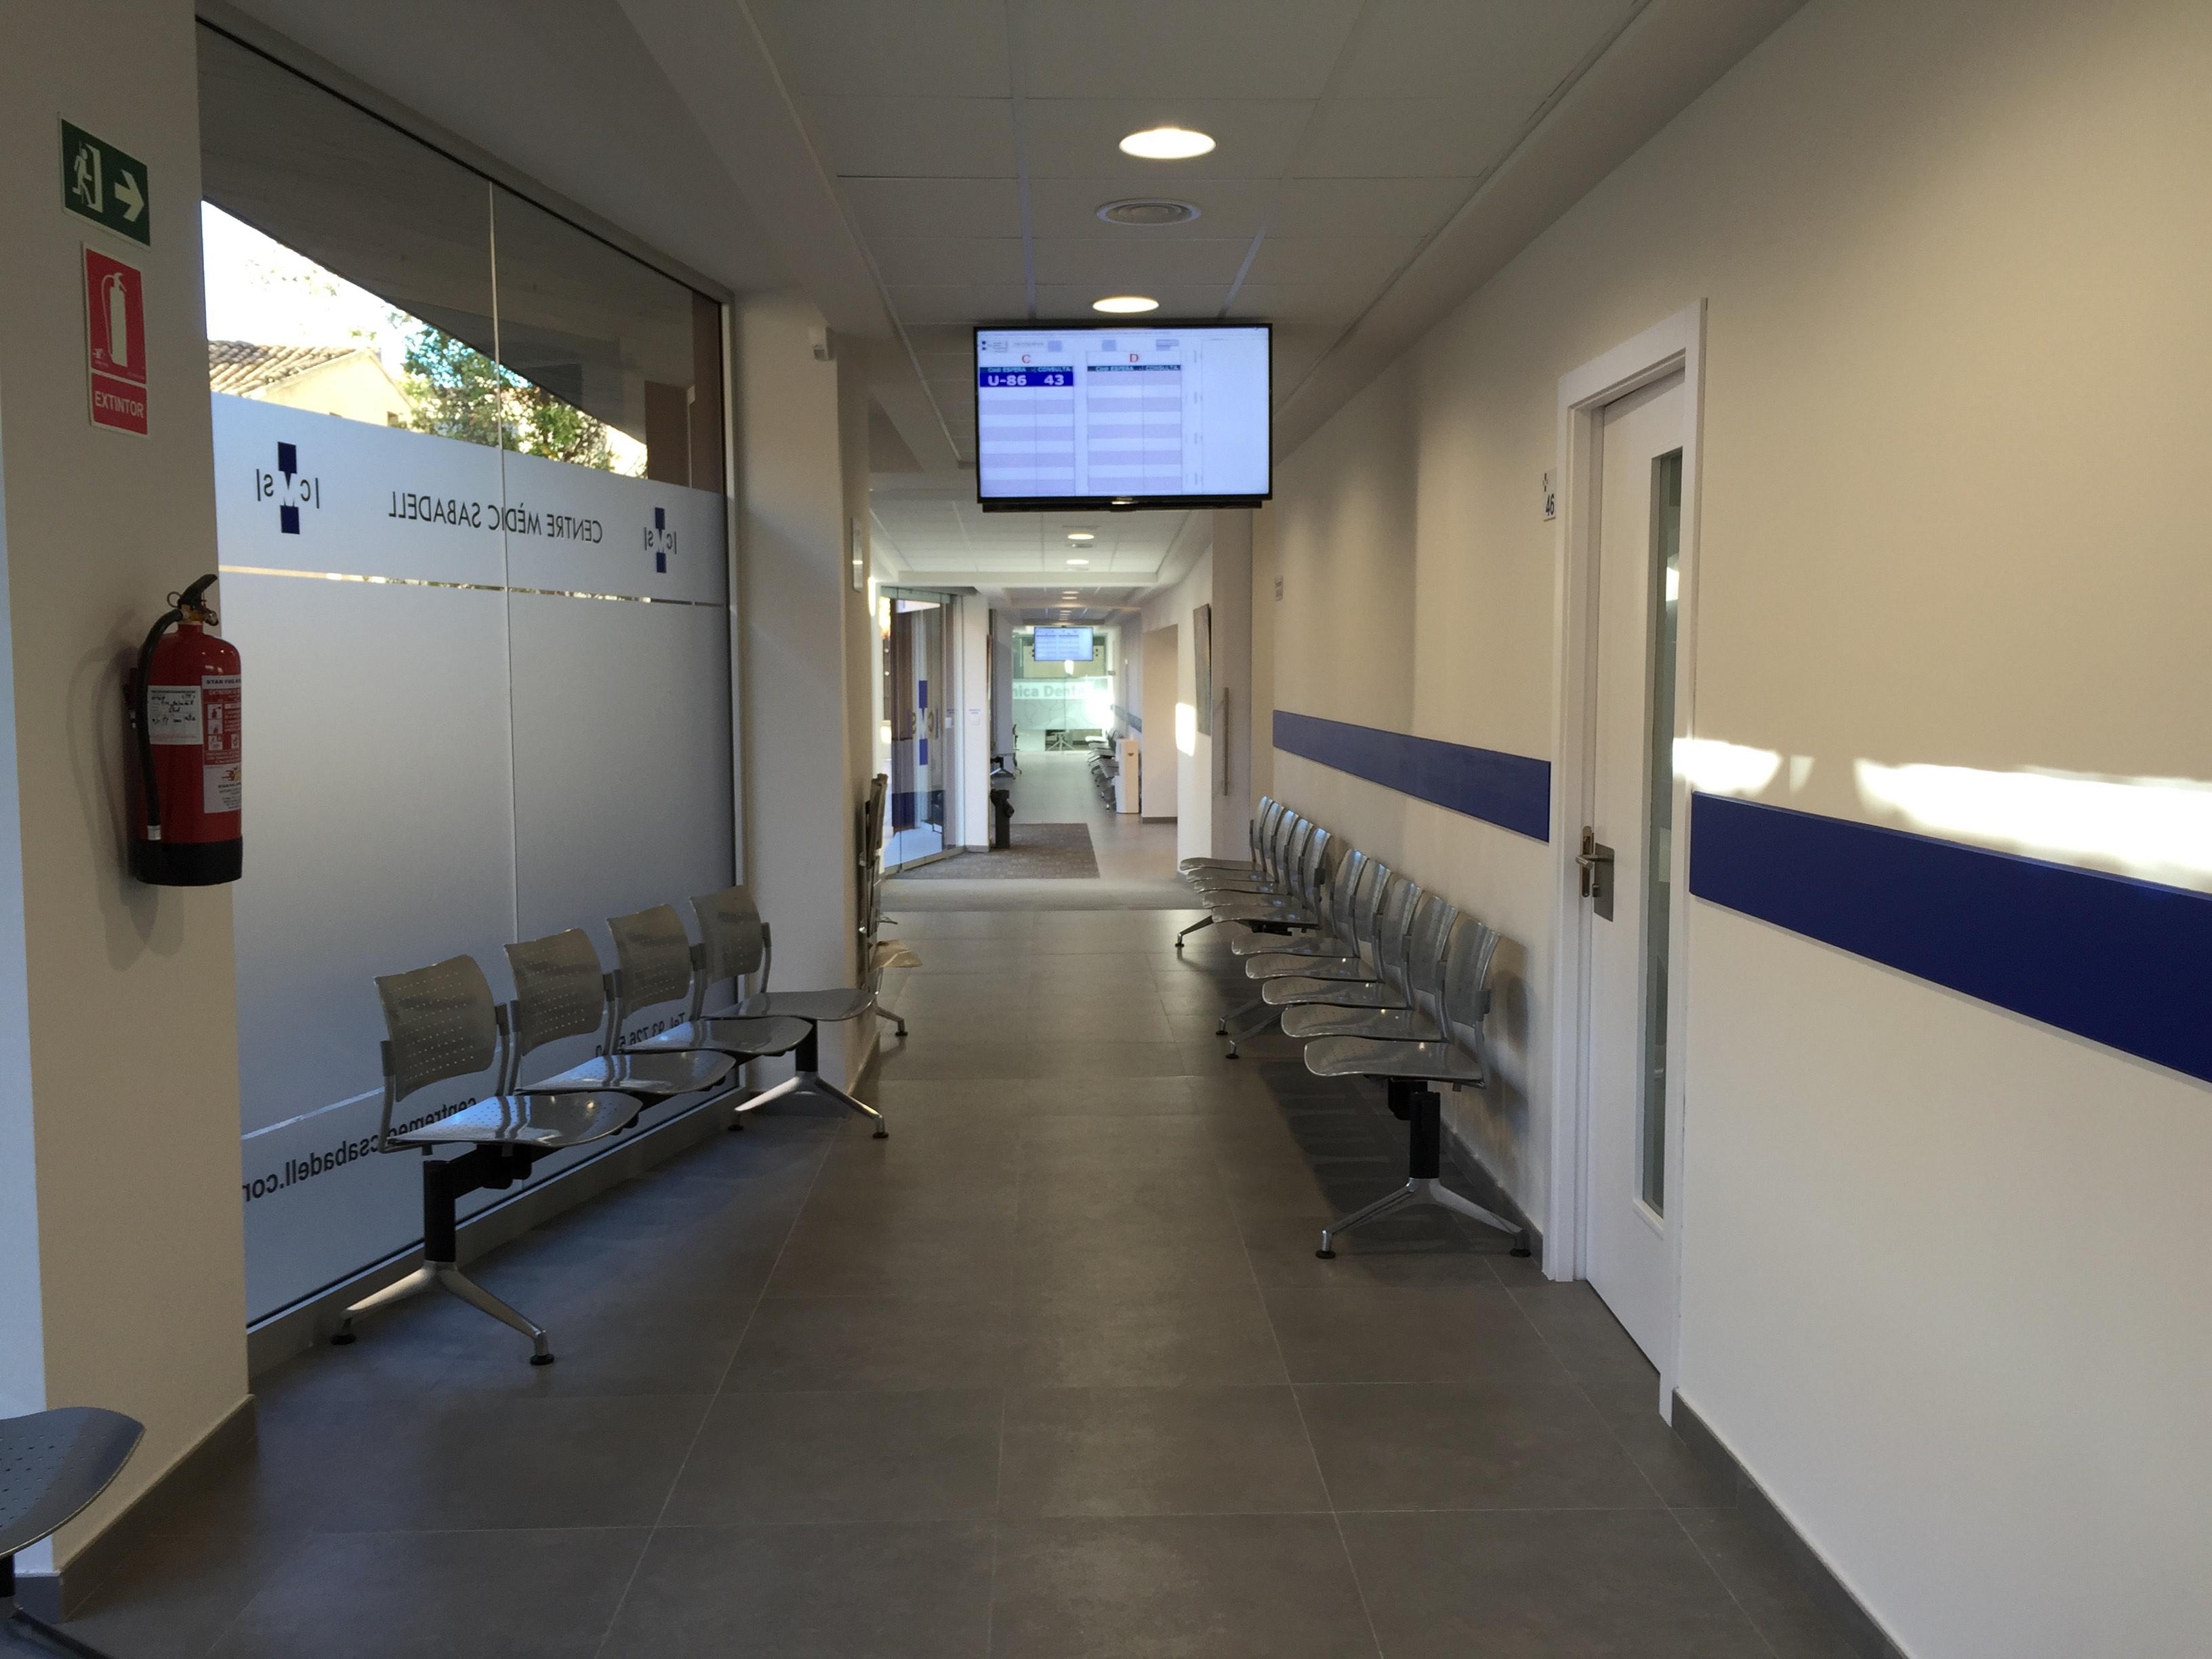 Centro médico en Sabadell pasillo con TV